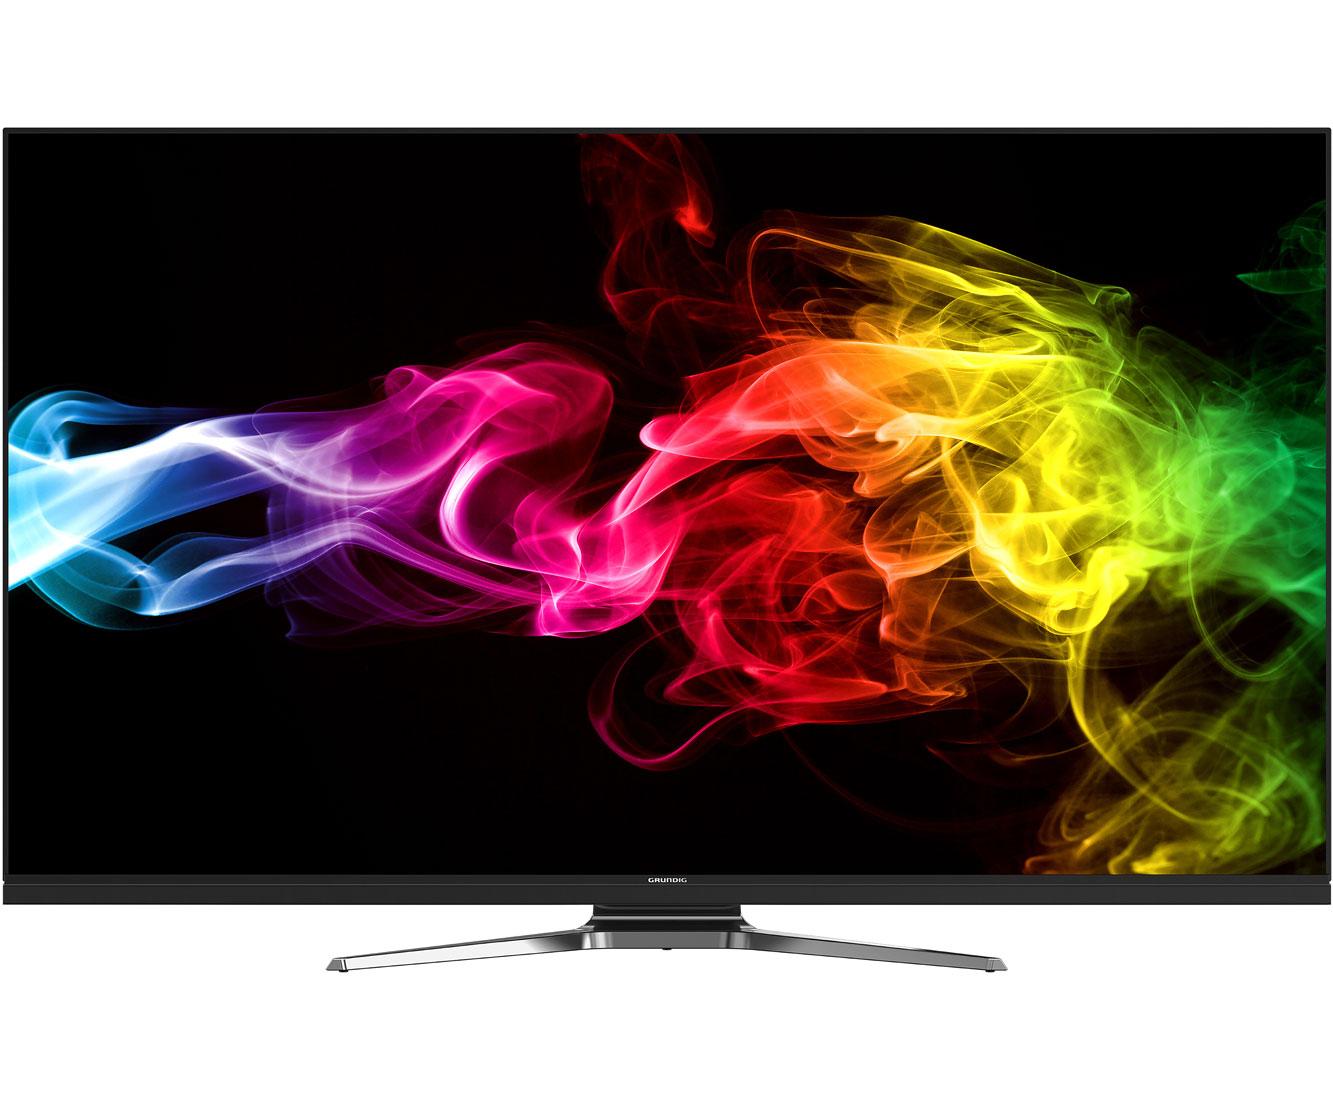 Grundig Vision 9 55 GUB 9980 Fernseher - Schwarz